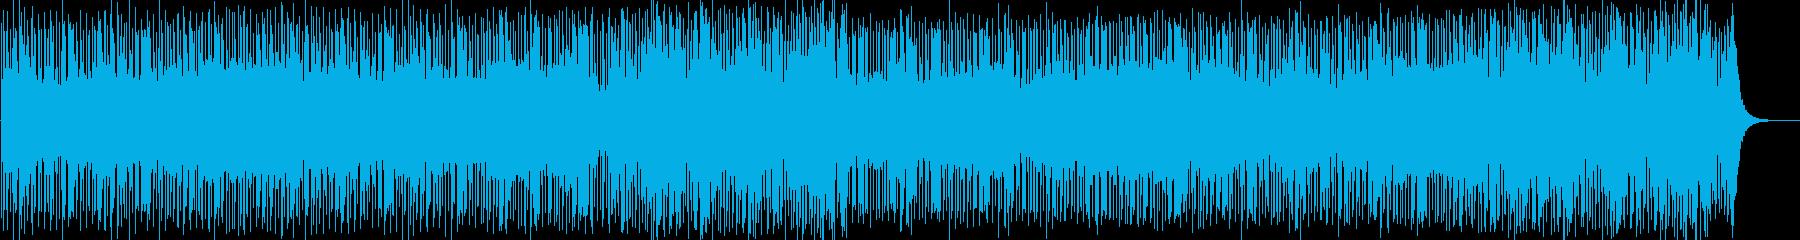 動画の早送りBGMやコミカルバトルの再生済みの波形